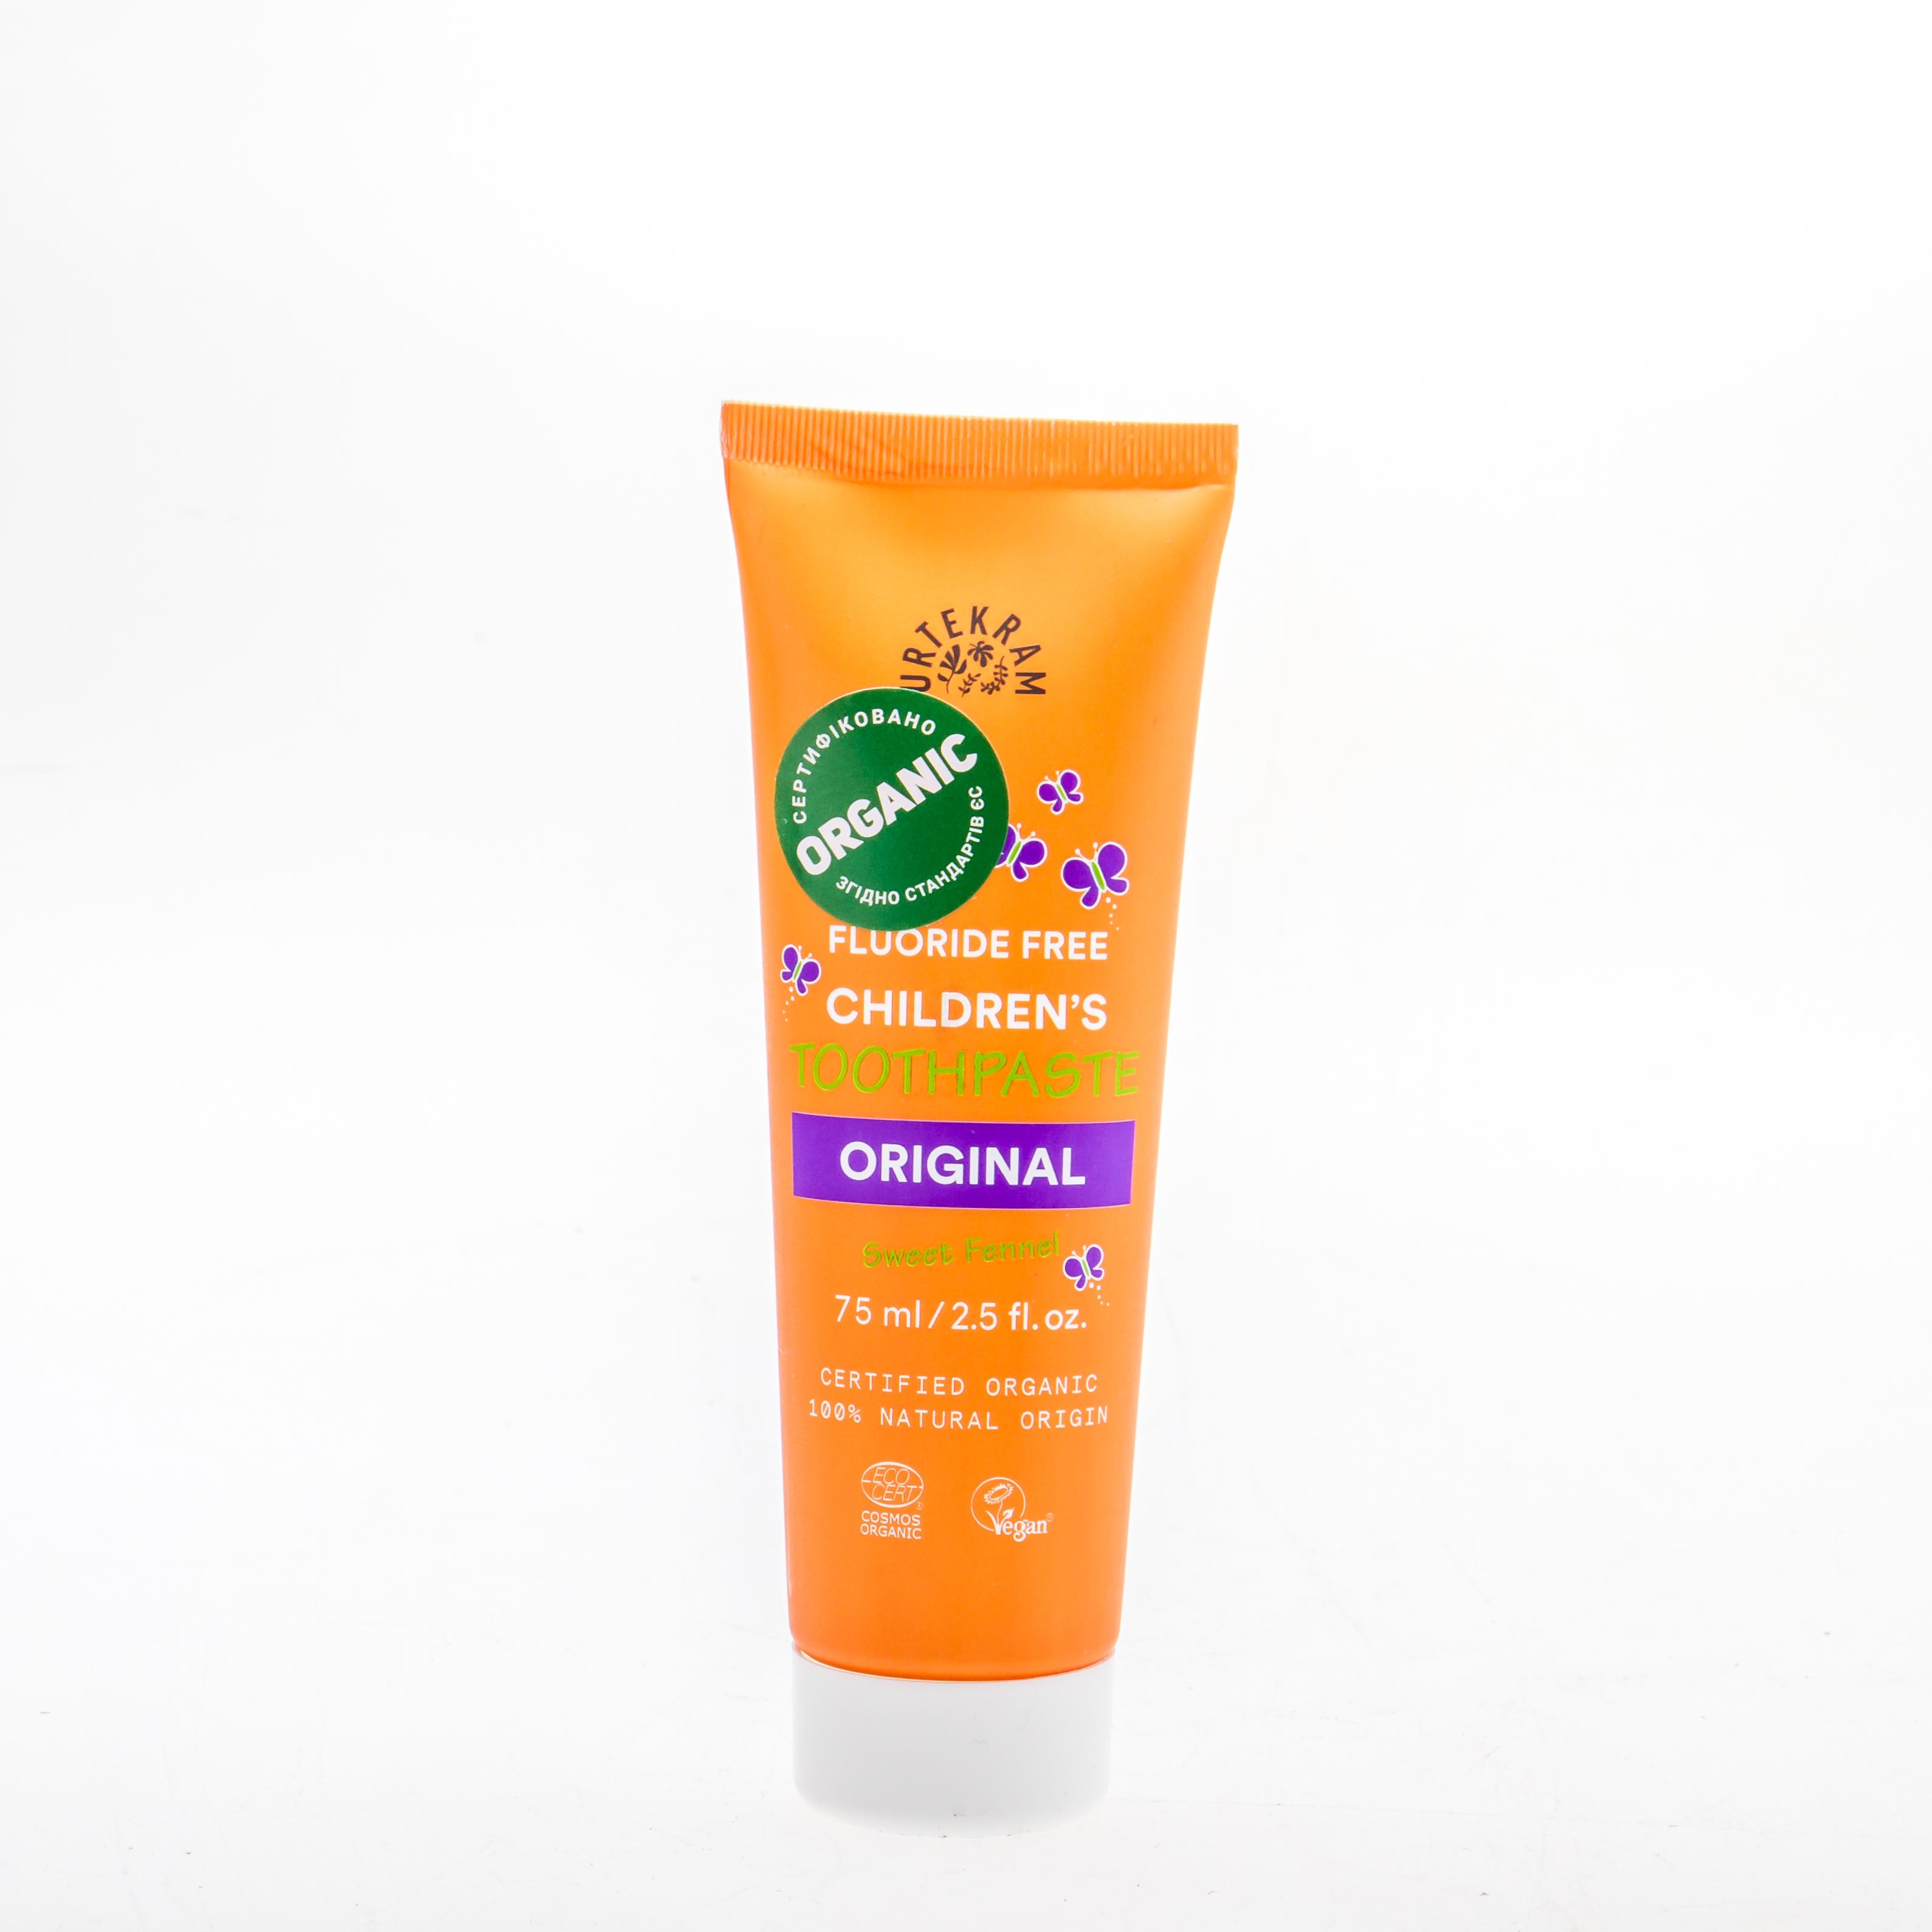 Urtekram Органічна дитяча зубна паста, 75 мл - купить в интернет-магазине Юнимед